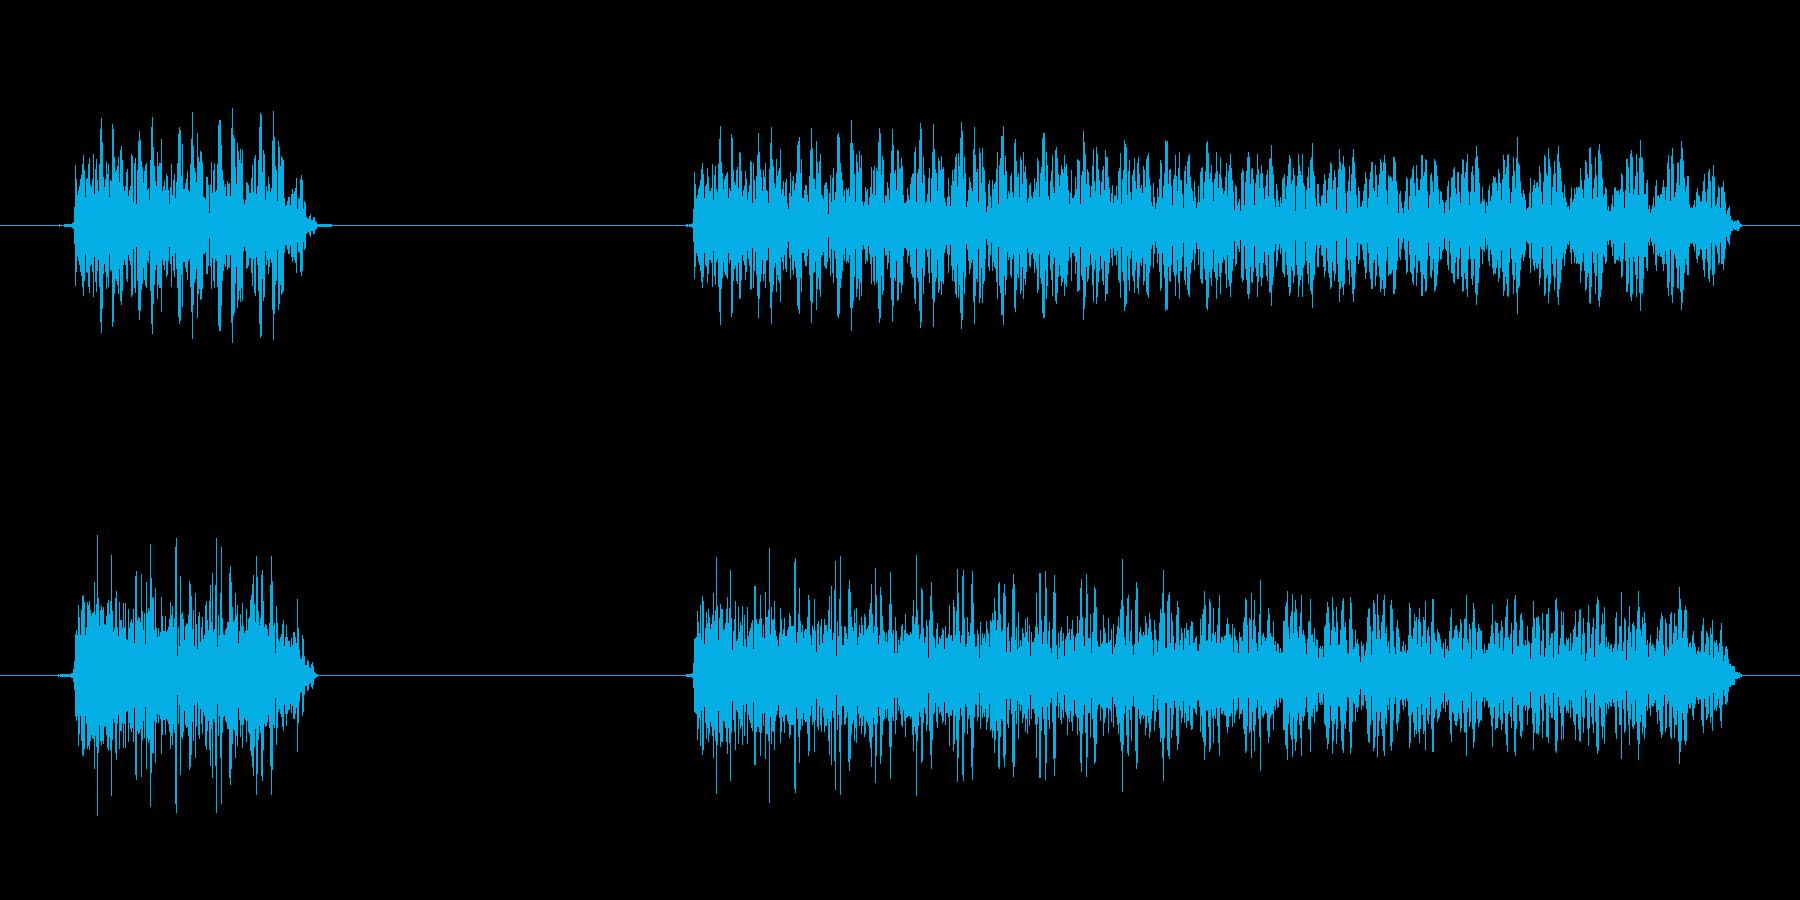 ゲーム、クイズ(ブー音)_008の再生済みの波形